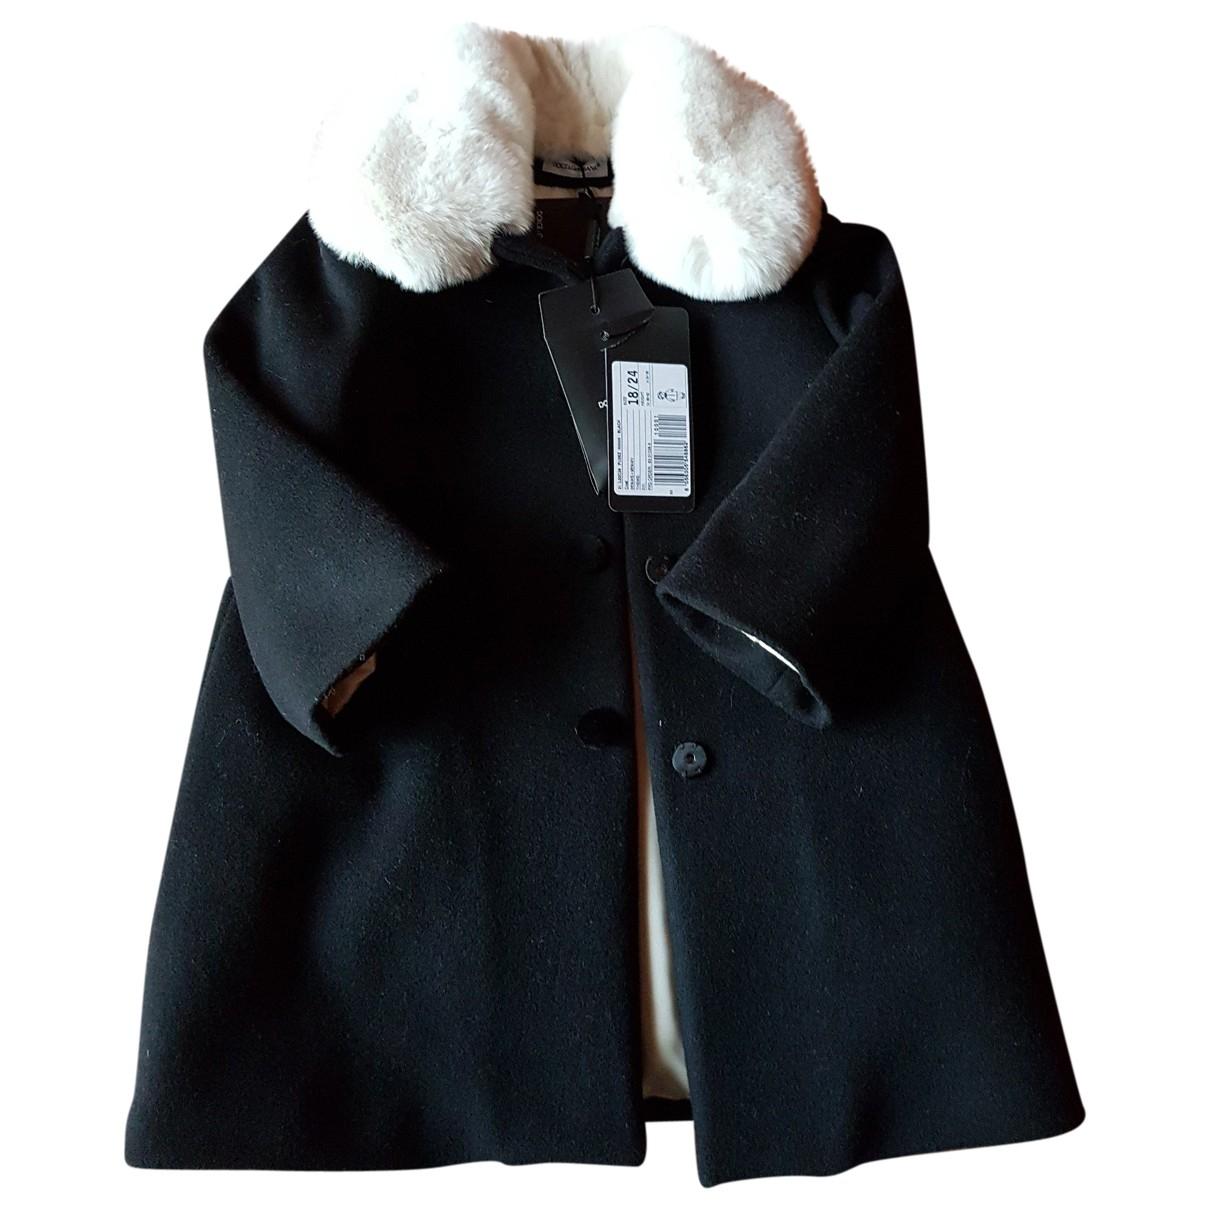 Dolce & Gabbana - Blousons.Manteaux   pour enfant en fourrure - noir